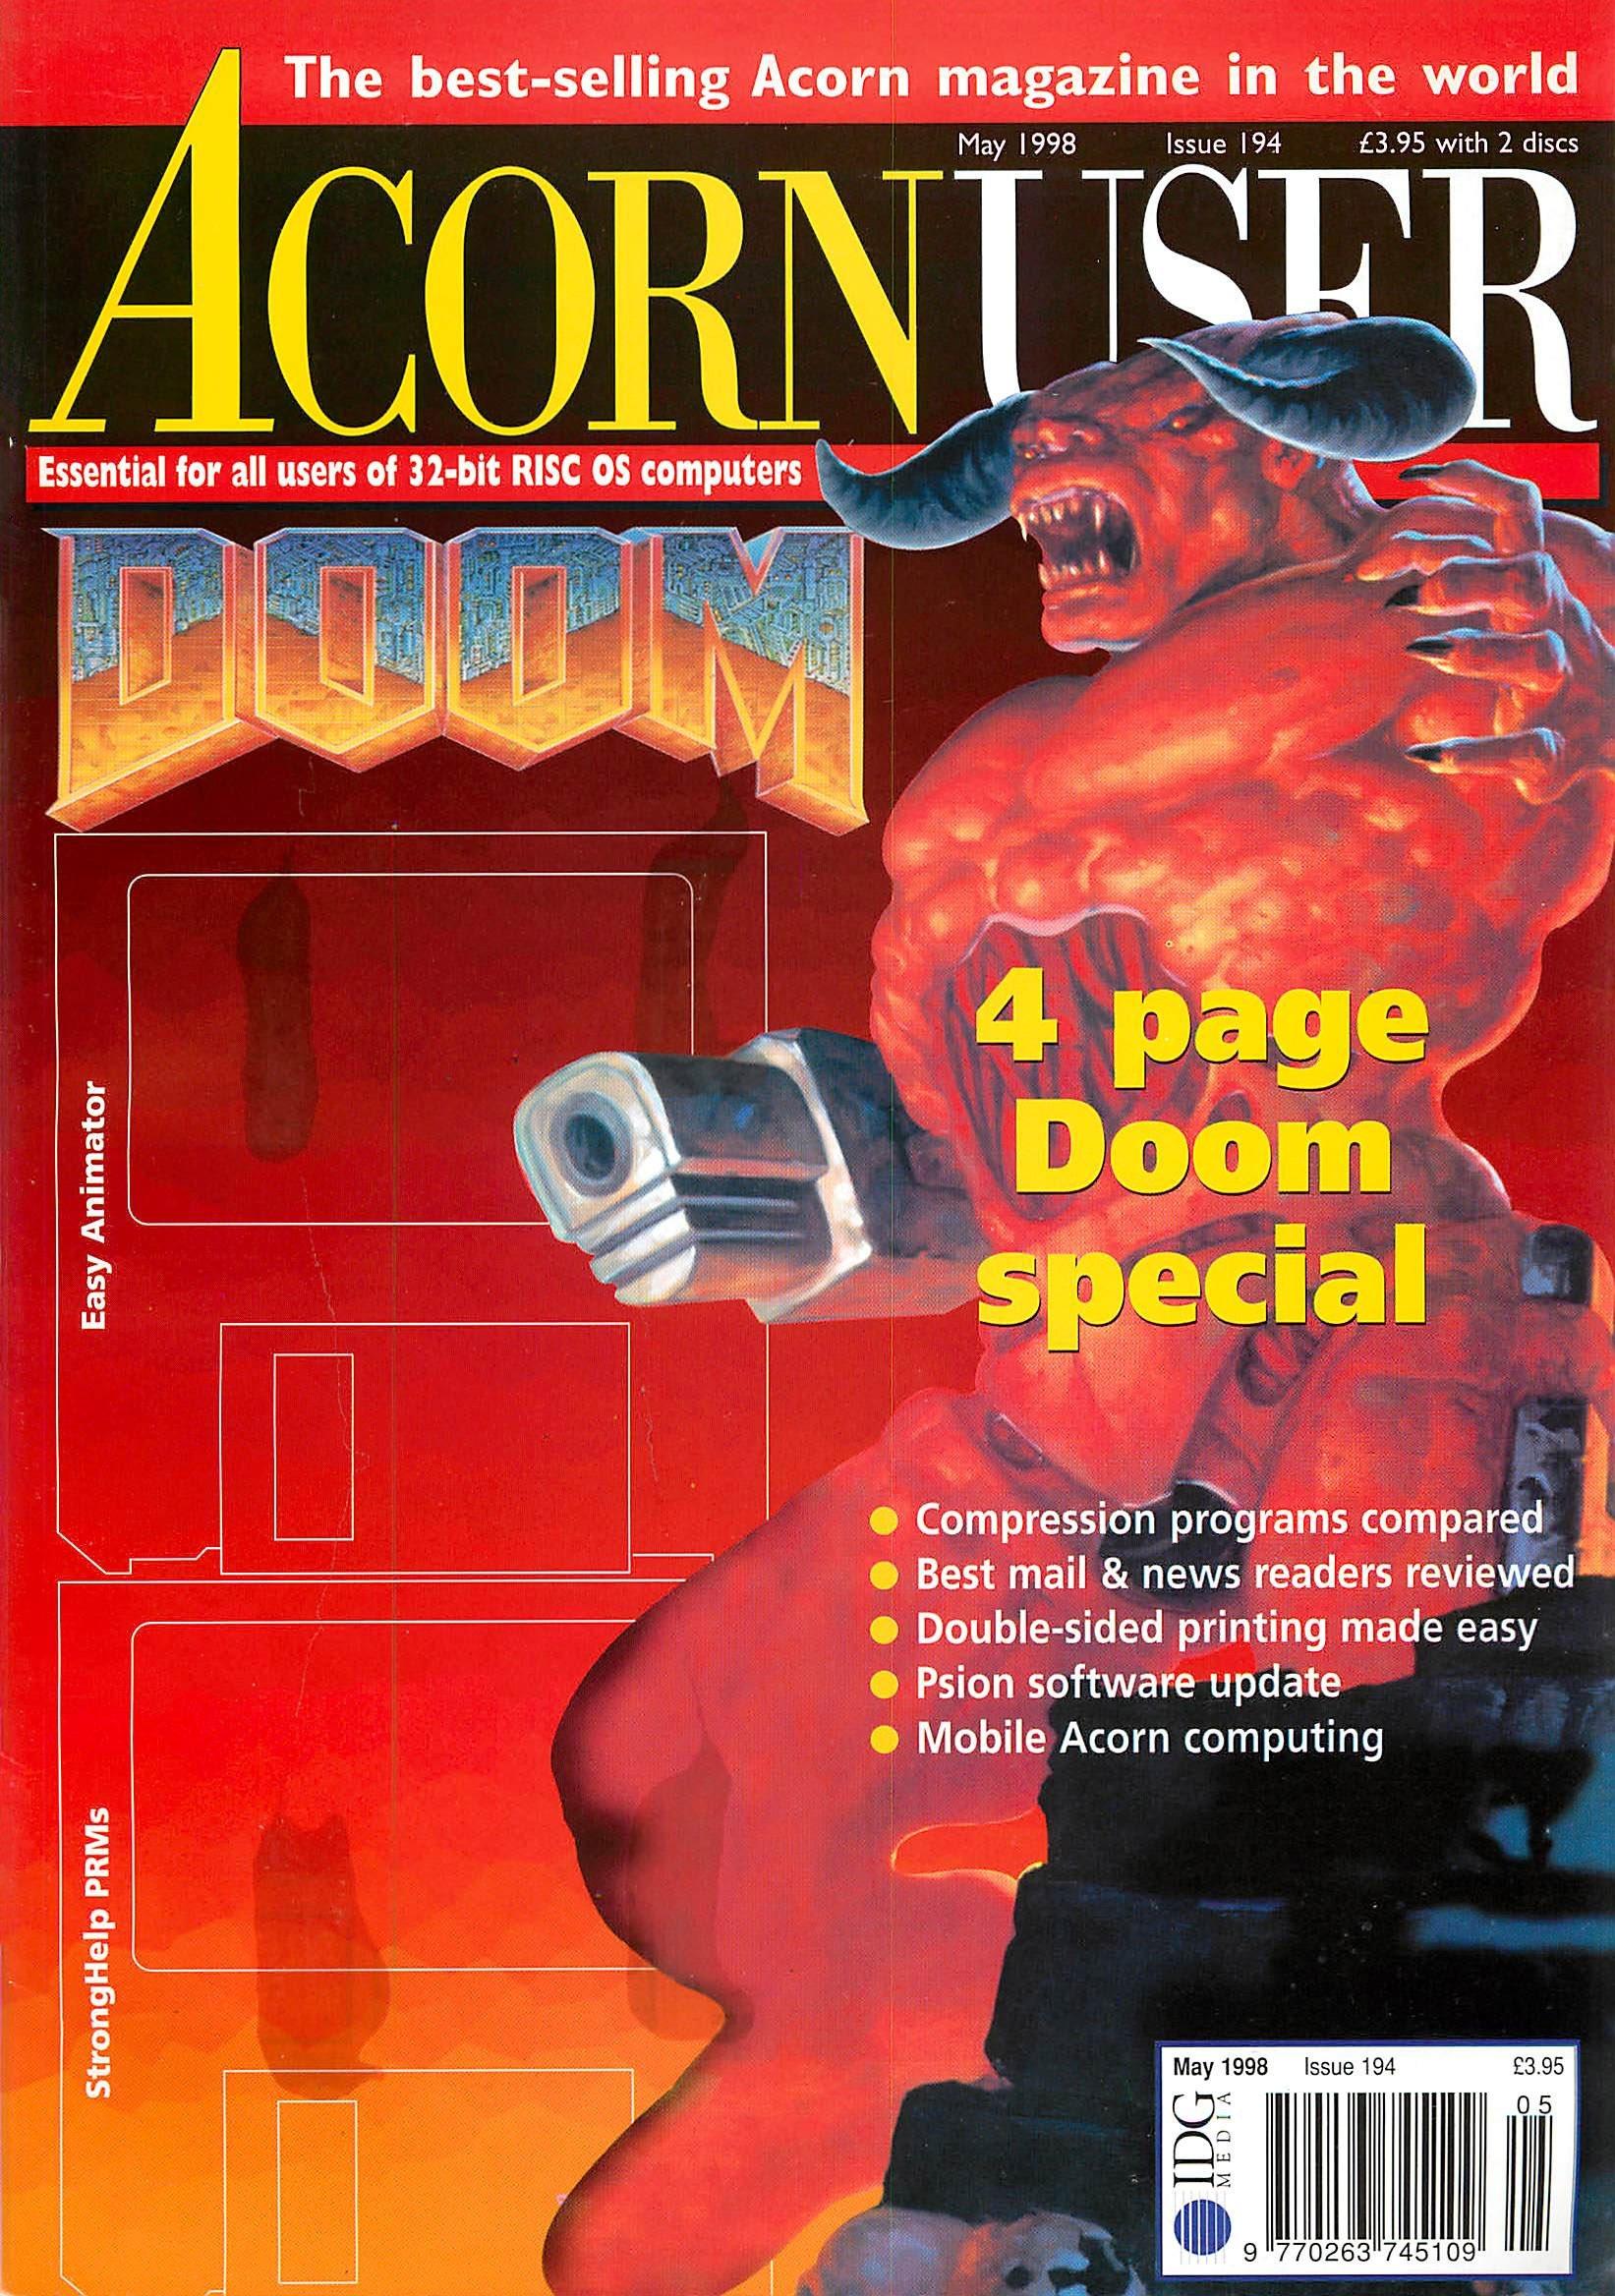 Acorn User 194 (May 1998)